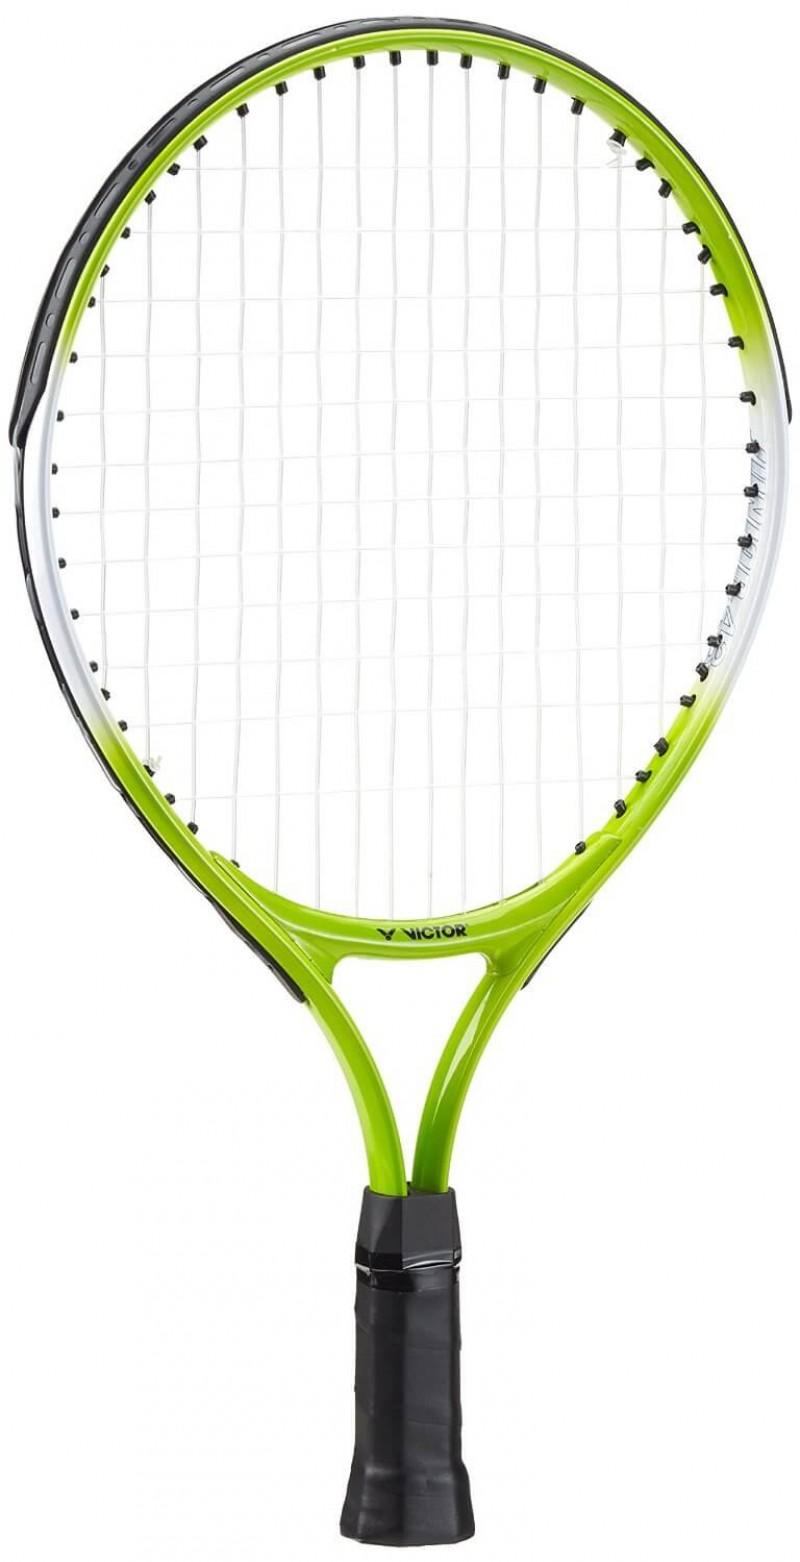 VICTOR-raquette de tennis-enfant-vert - 43 cm, 211/0/4